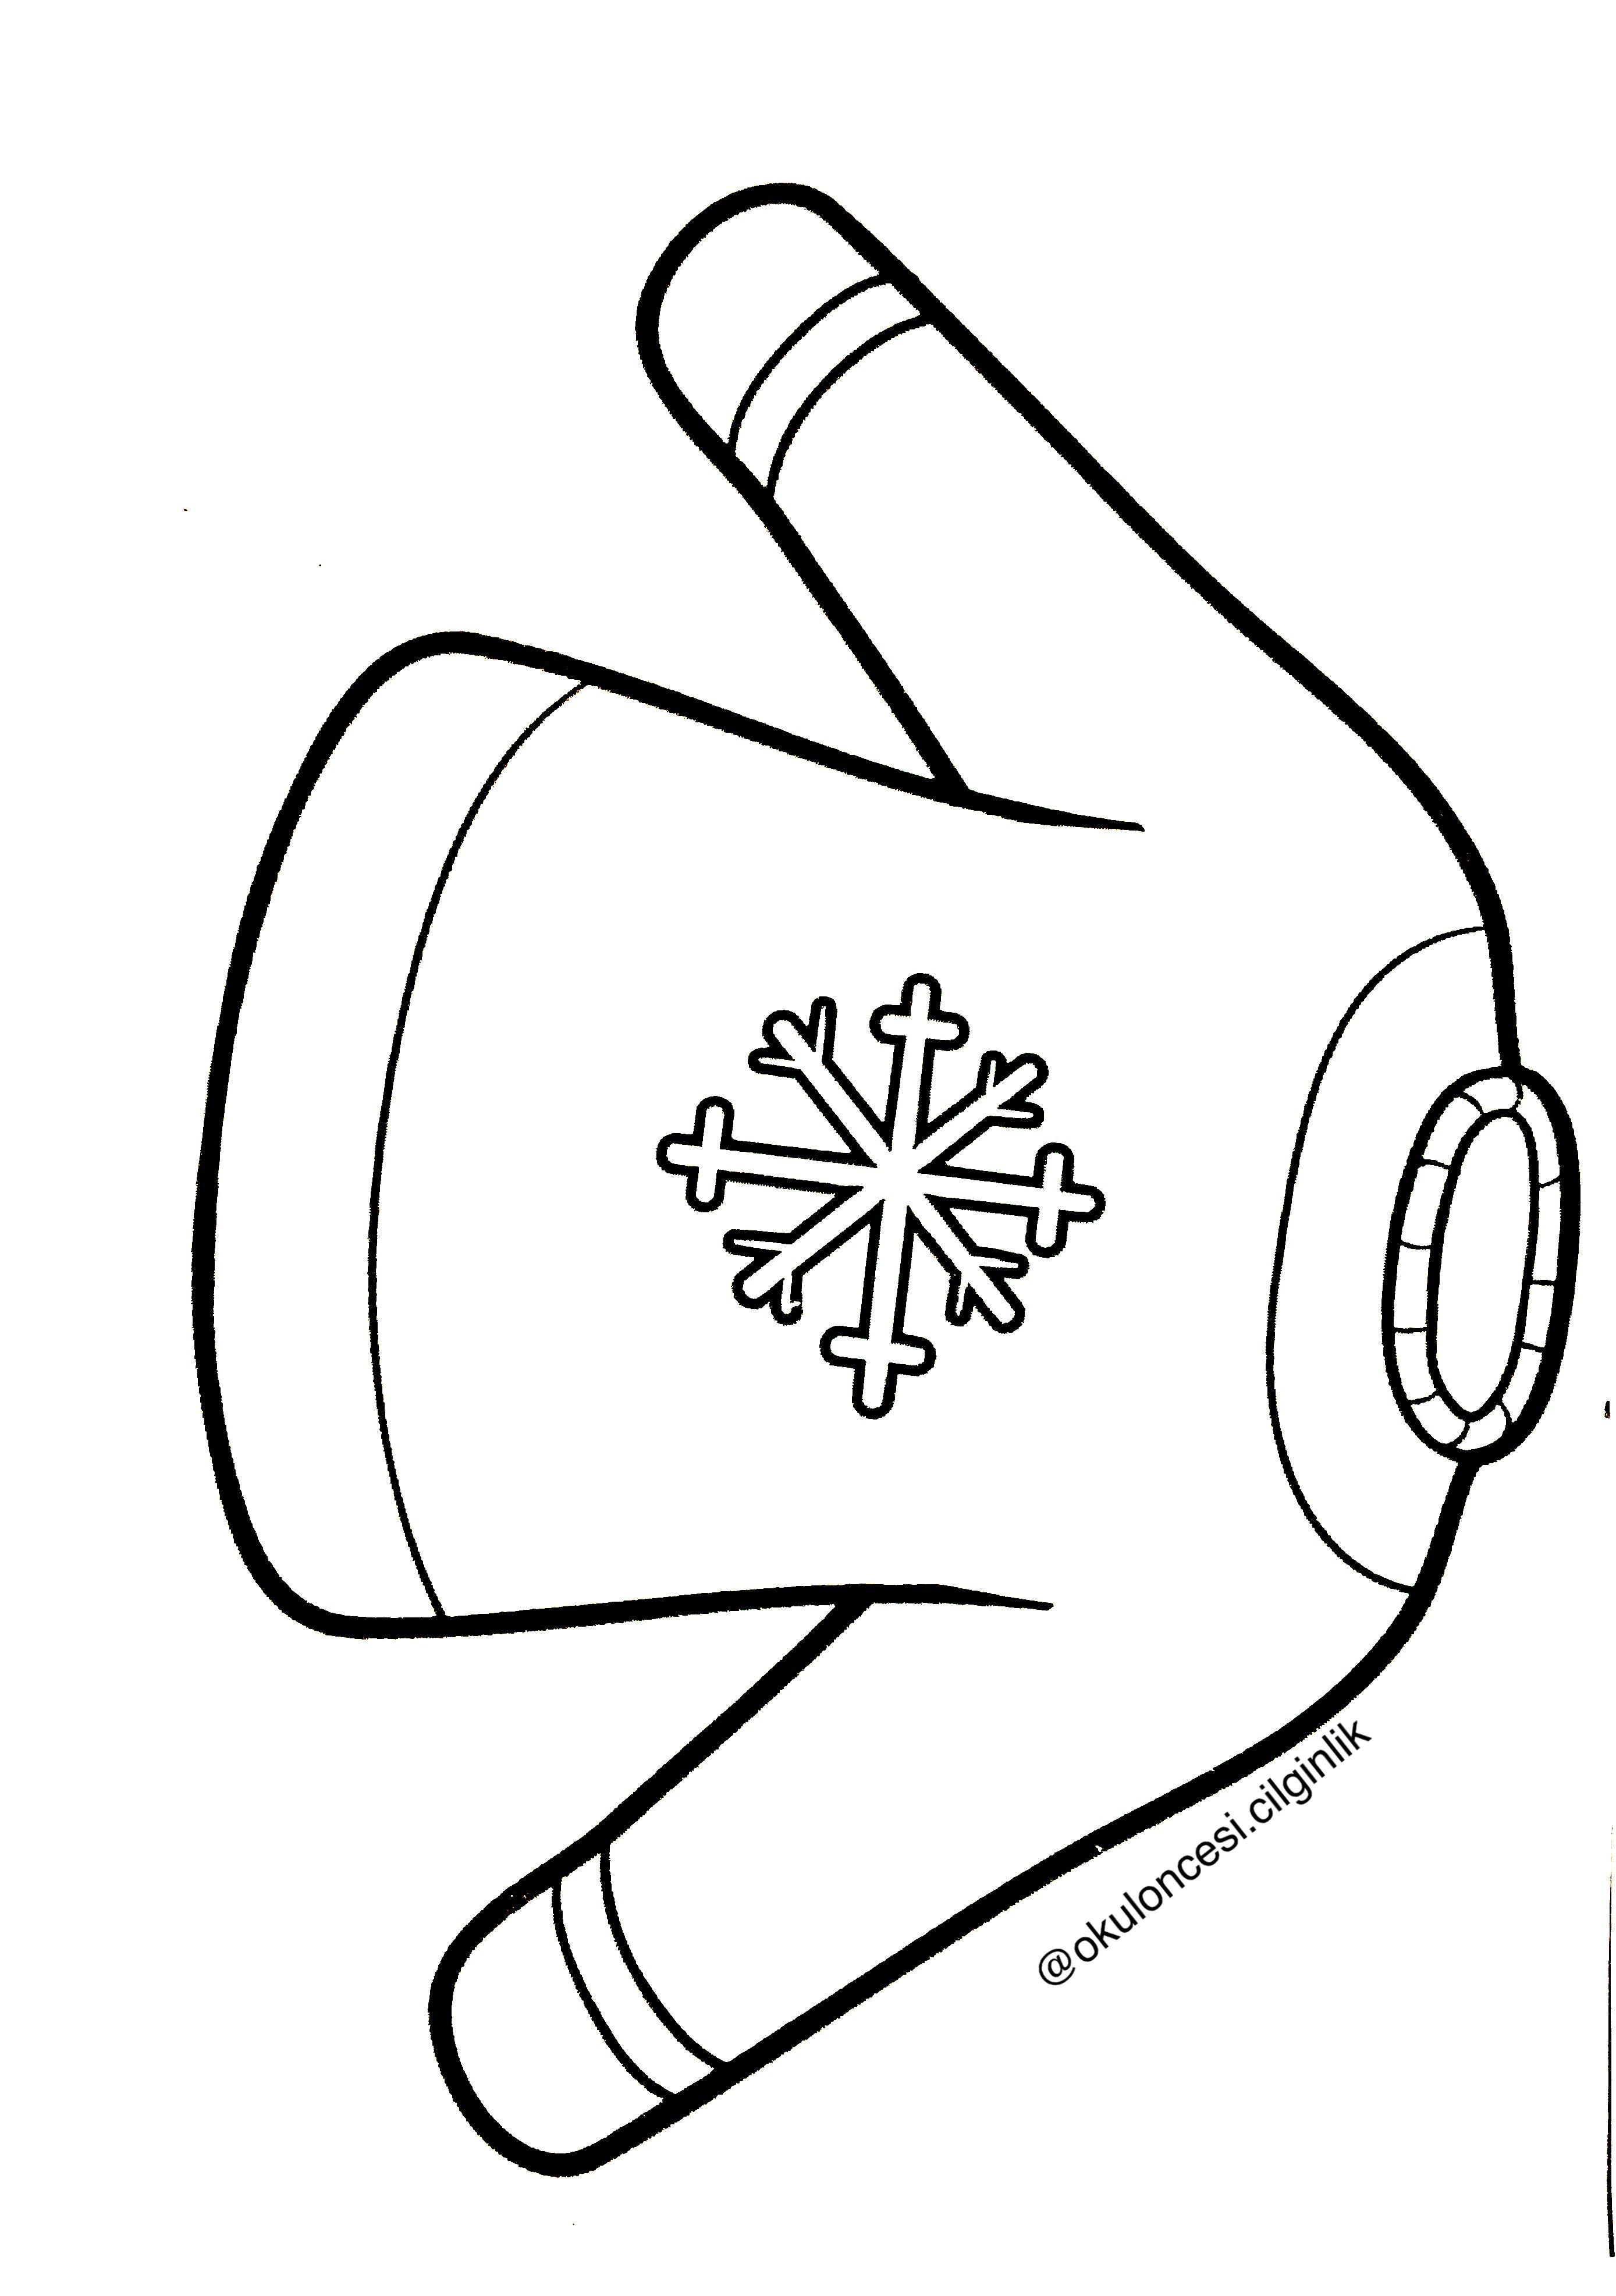 Emine Ozturk Simsek Adli Kullanicinin Ozel Gunler Panosundaki Pin